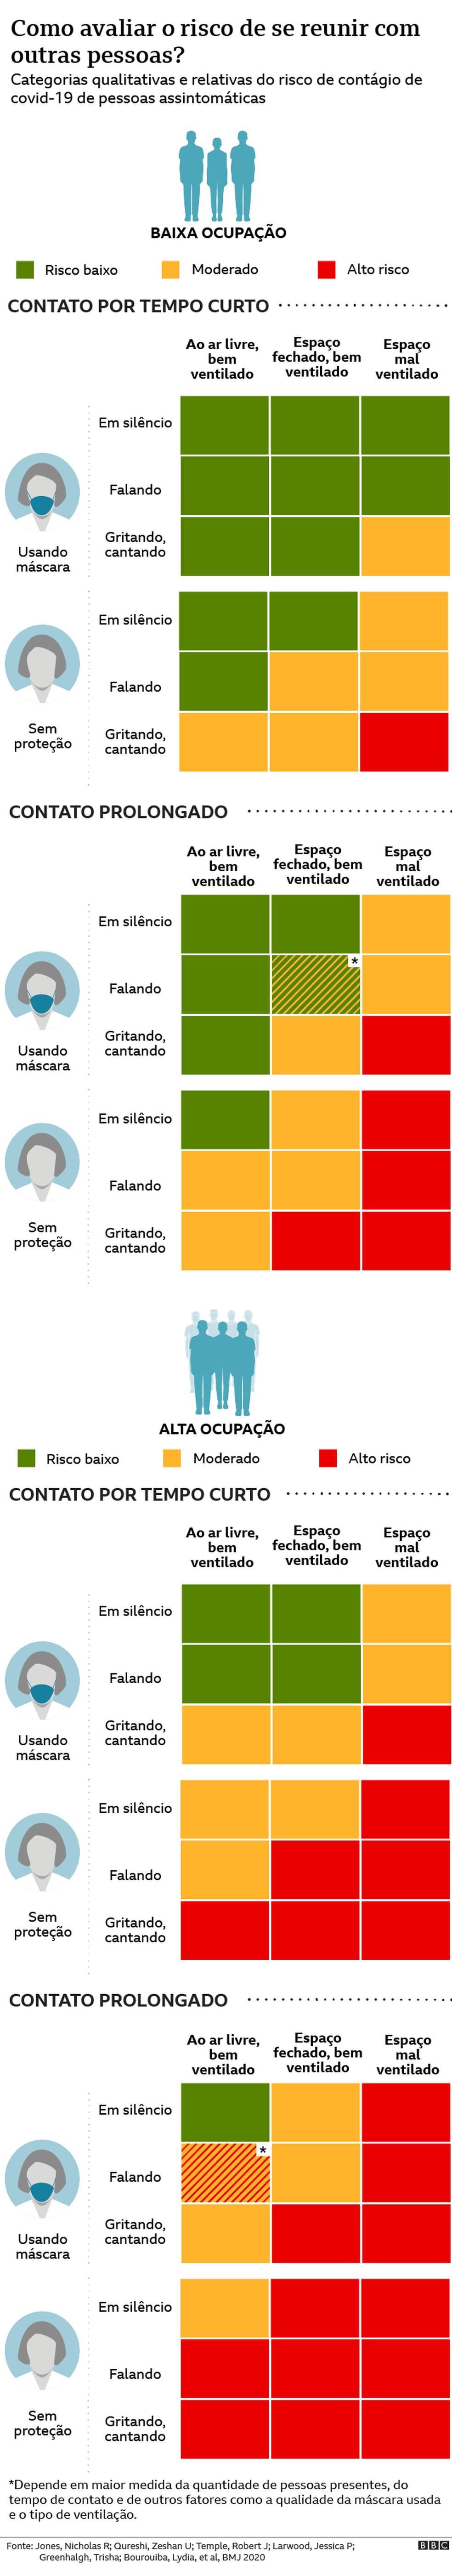 Tabela mostra índice de risco durante a pandemia — Foto: BBC